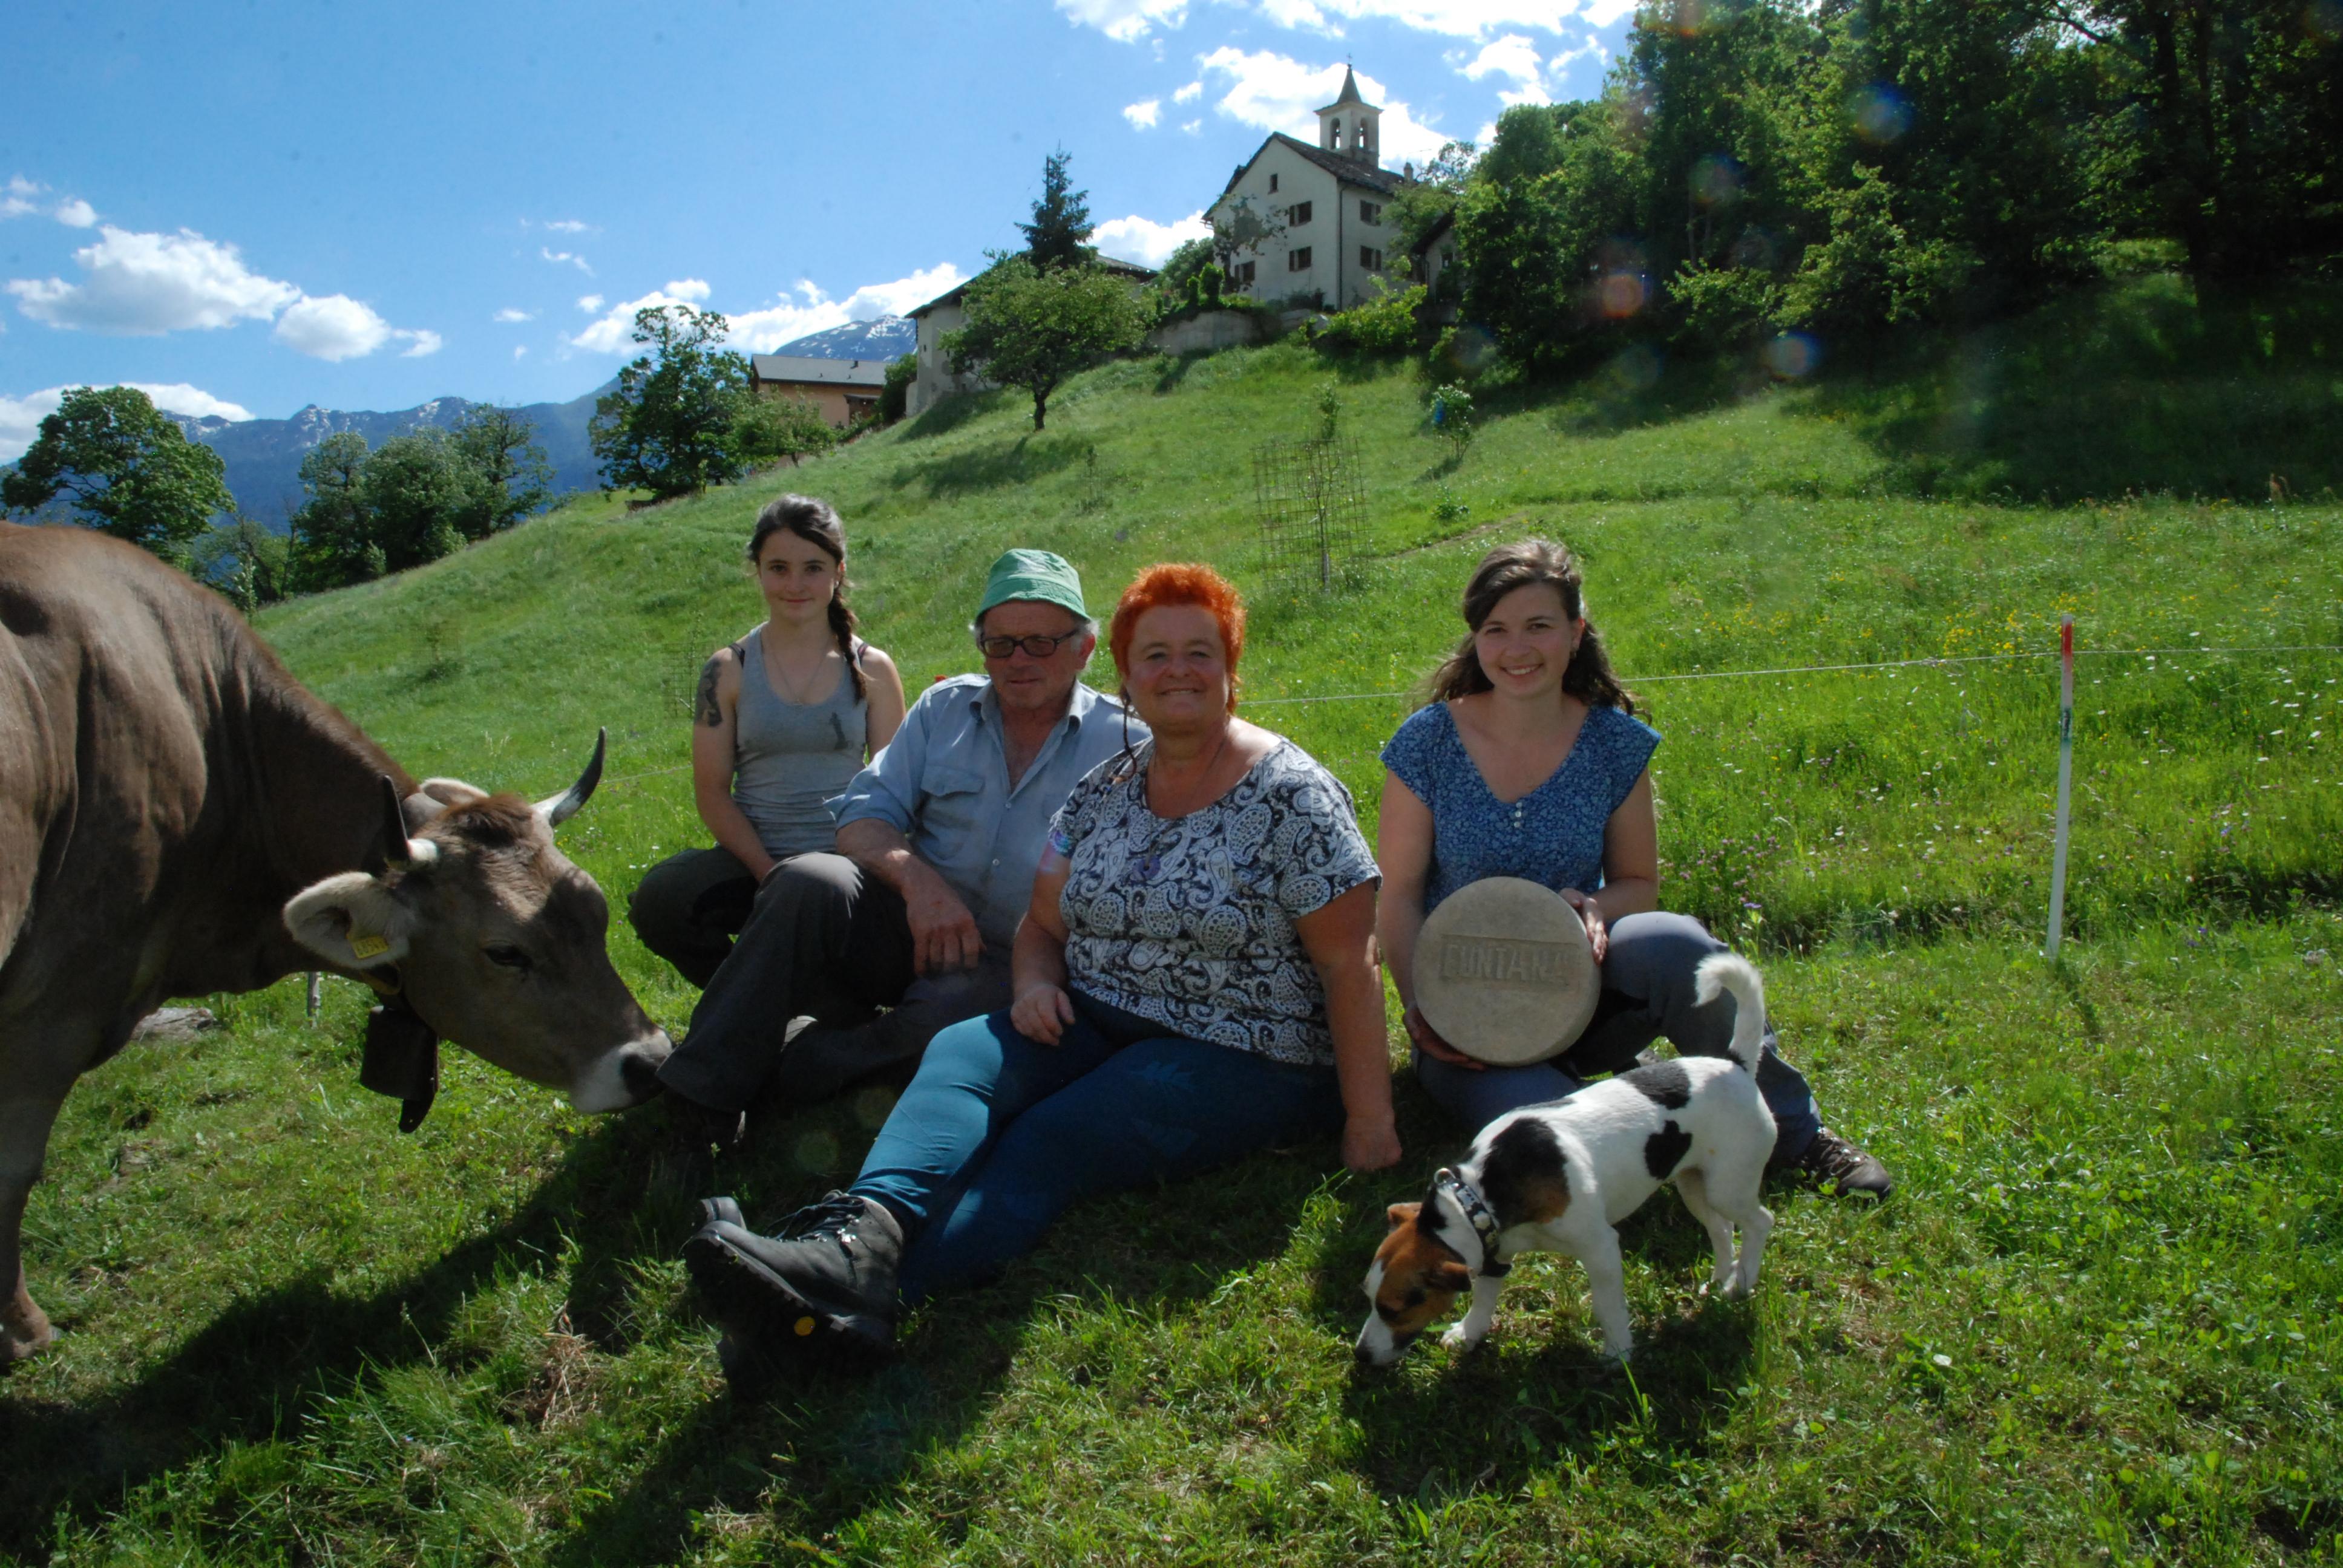 La famiglia Martinali: due generazioni, una sola passione. Doris, Carlo, Monika e Marina.